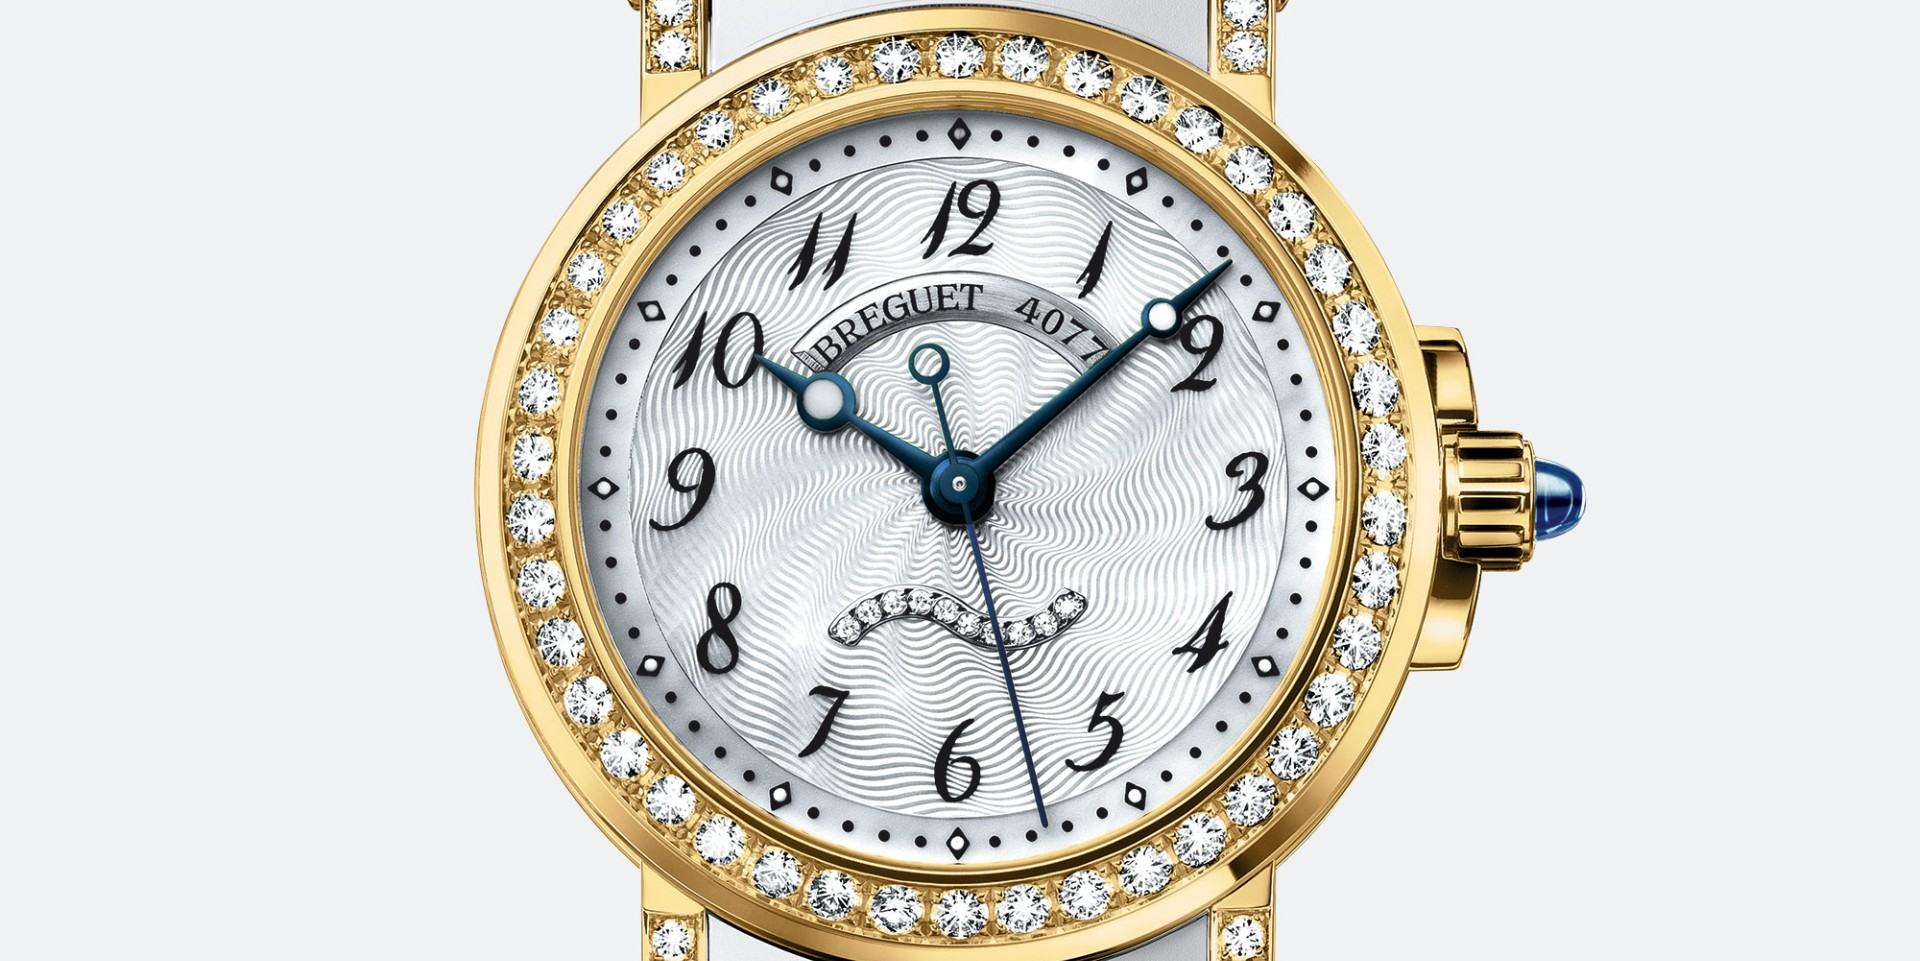 黃金與美鑽的海洋協奏曲:寶璣黃金年代聖誕錶展呈獻Marine 8818大三針鑲鑽腕錶